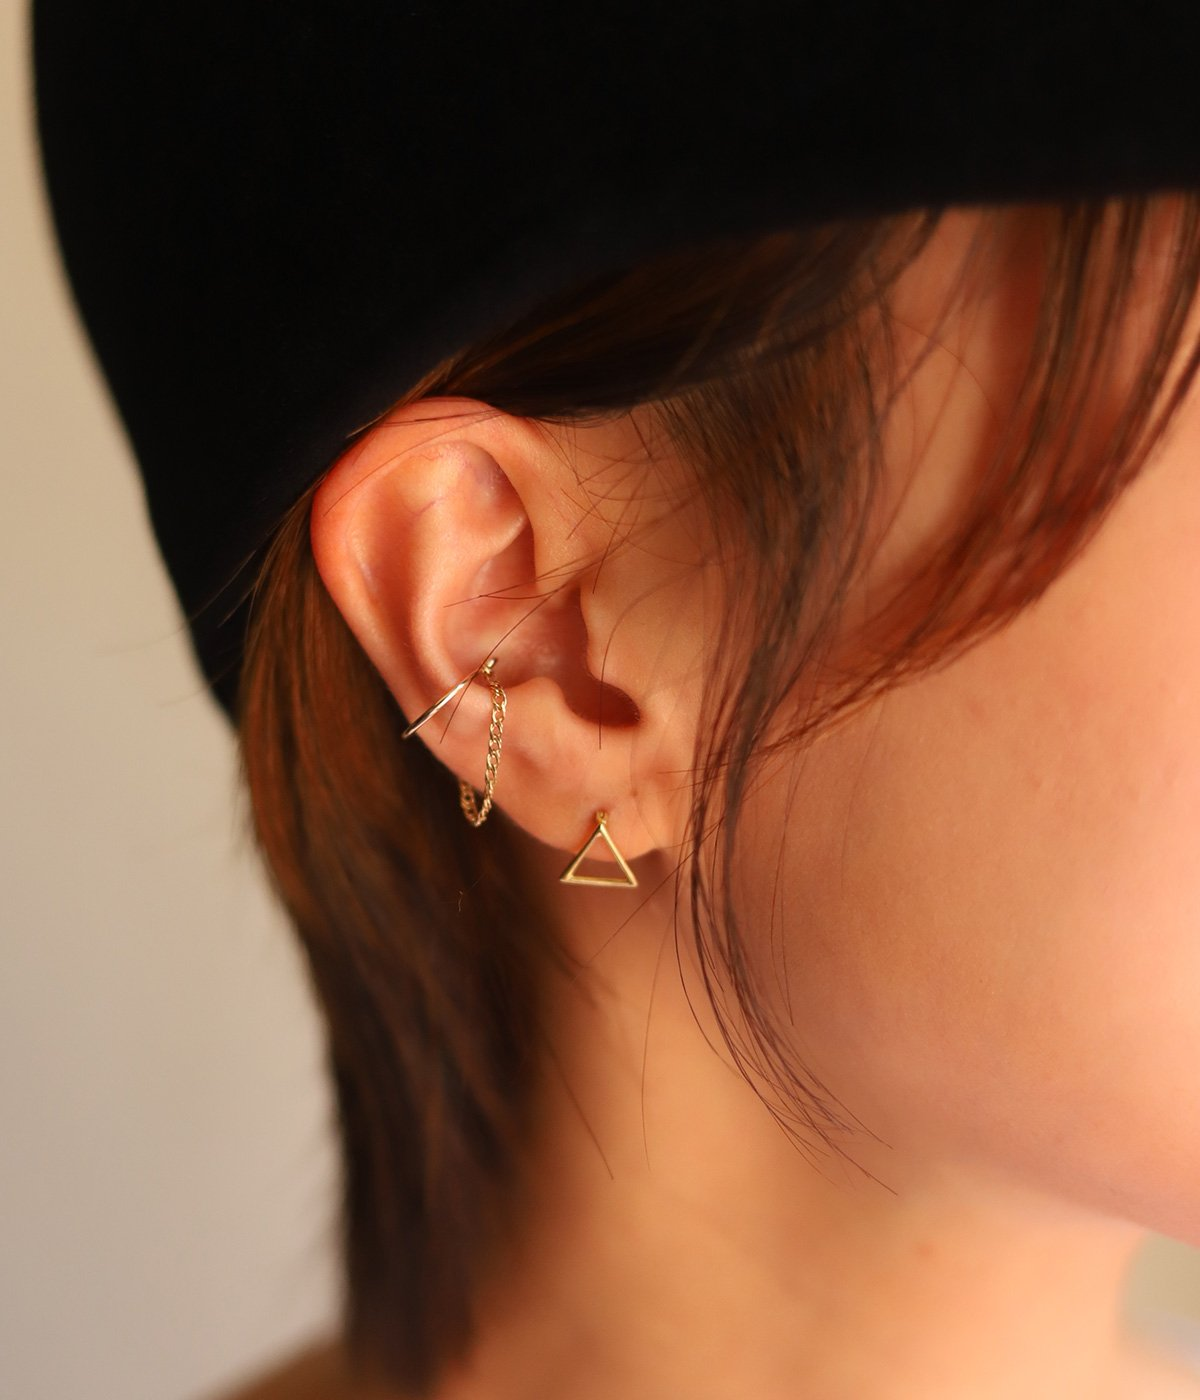 【予約】Chain Ear Cuff(イヤーカフ)